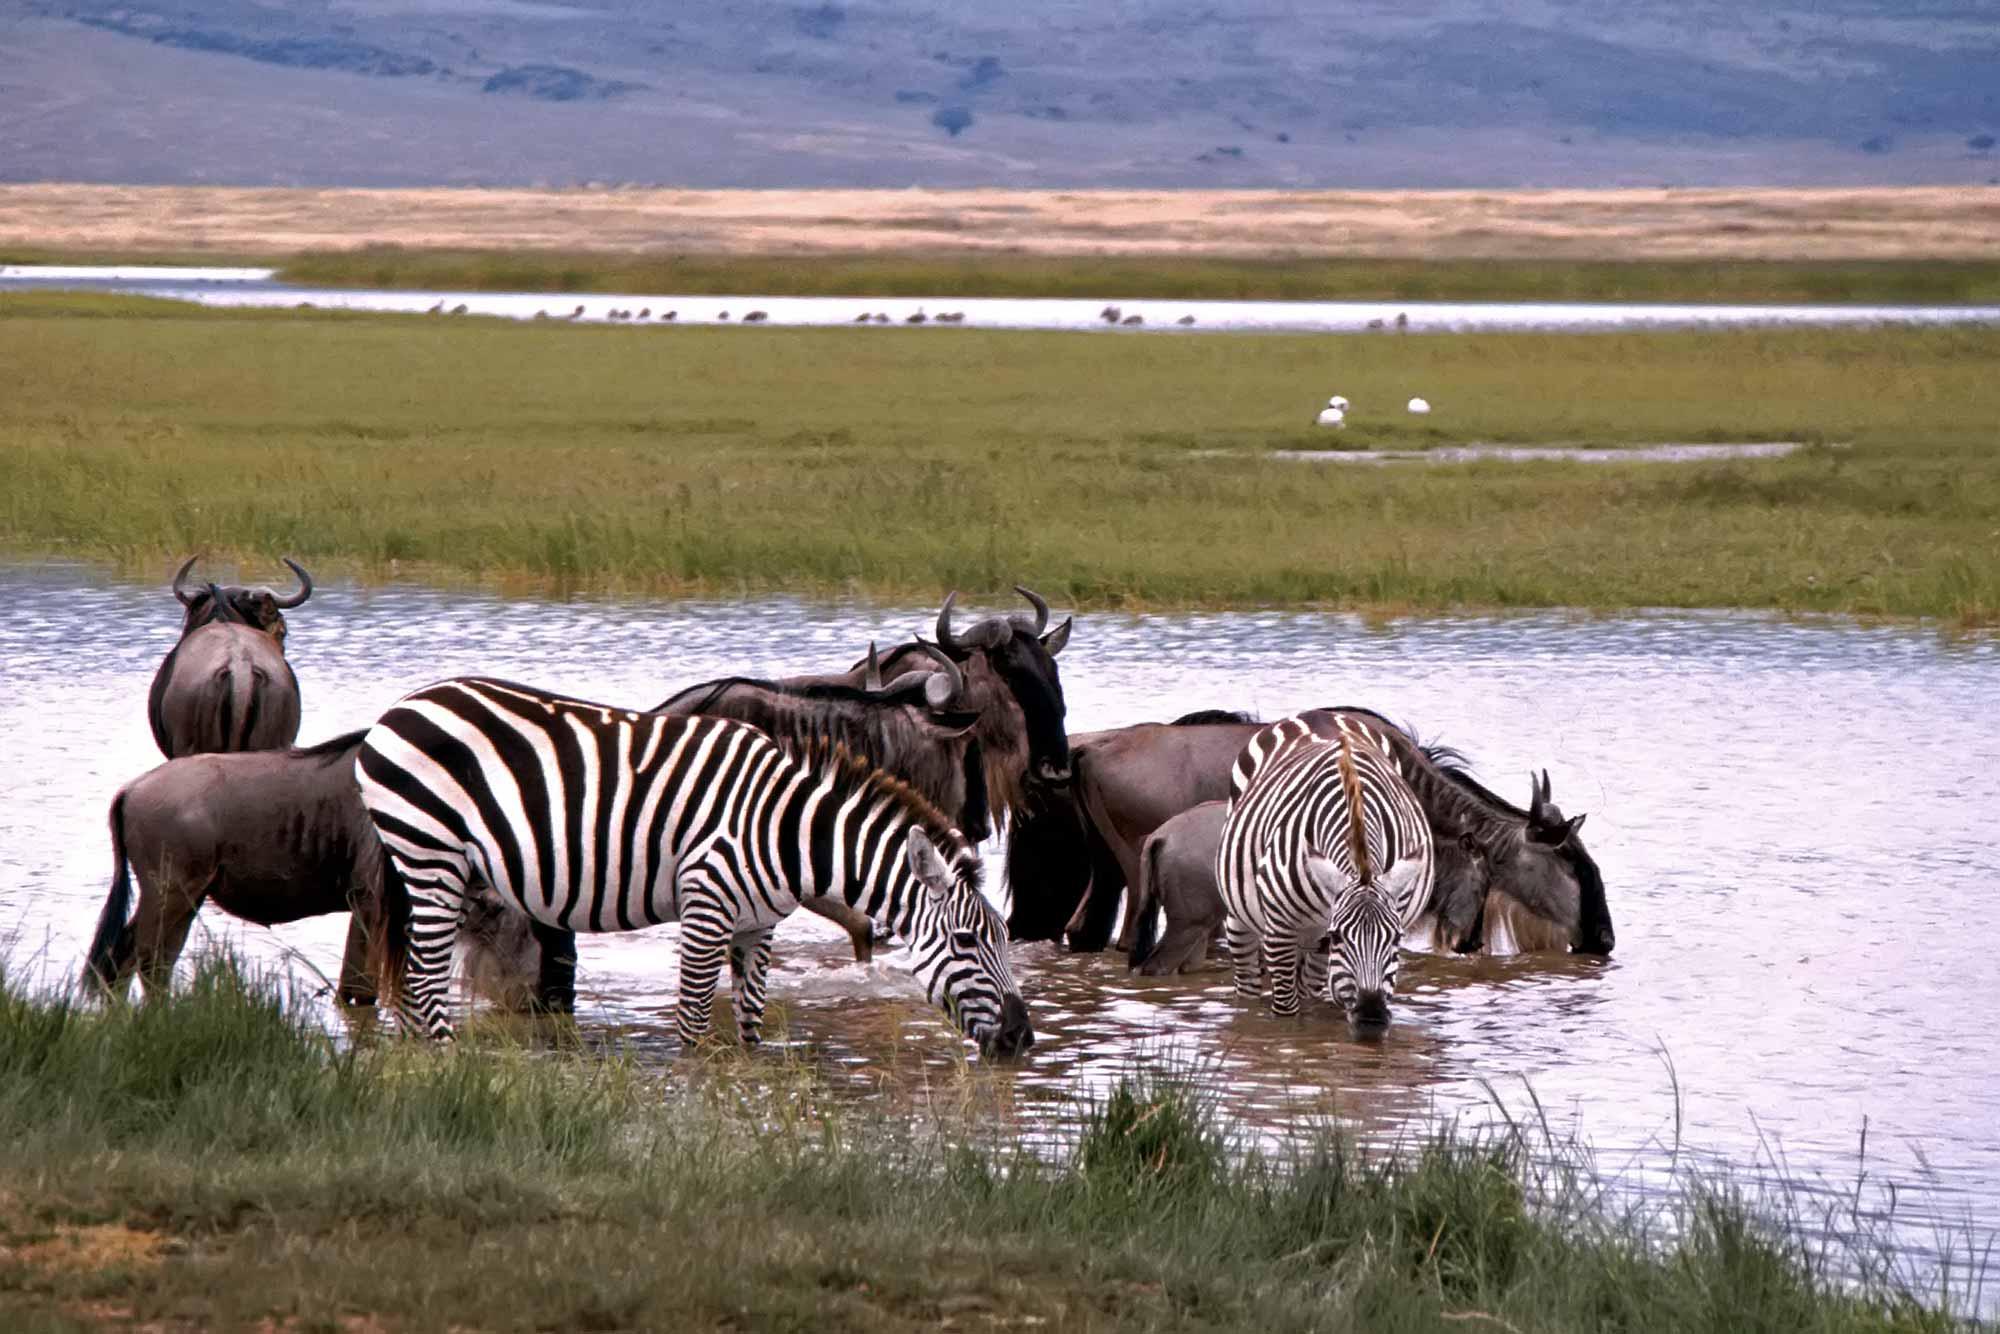 wild-animals-serengeti-kenya-africa